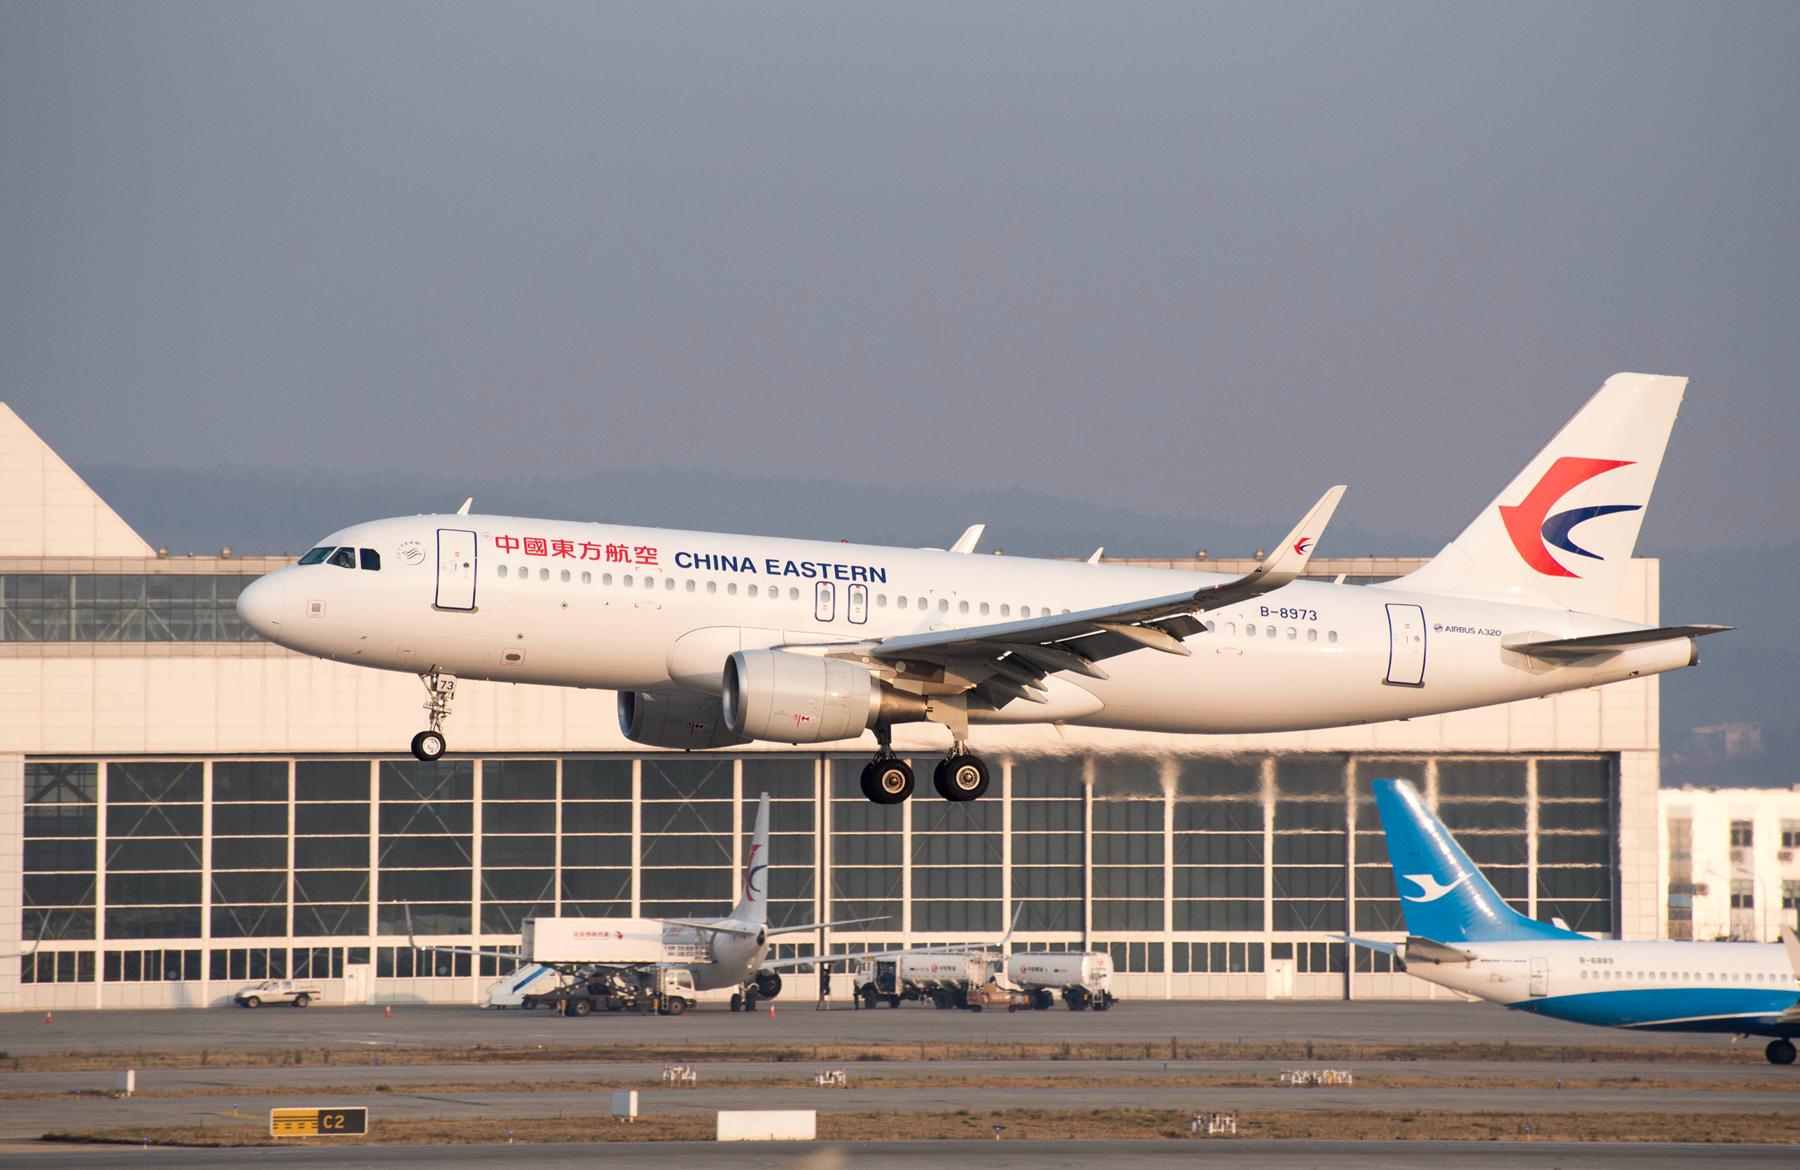 Re:[原创]长水拍机 AIRBUS A320-200 B-8973 昆明长水机场